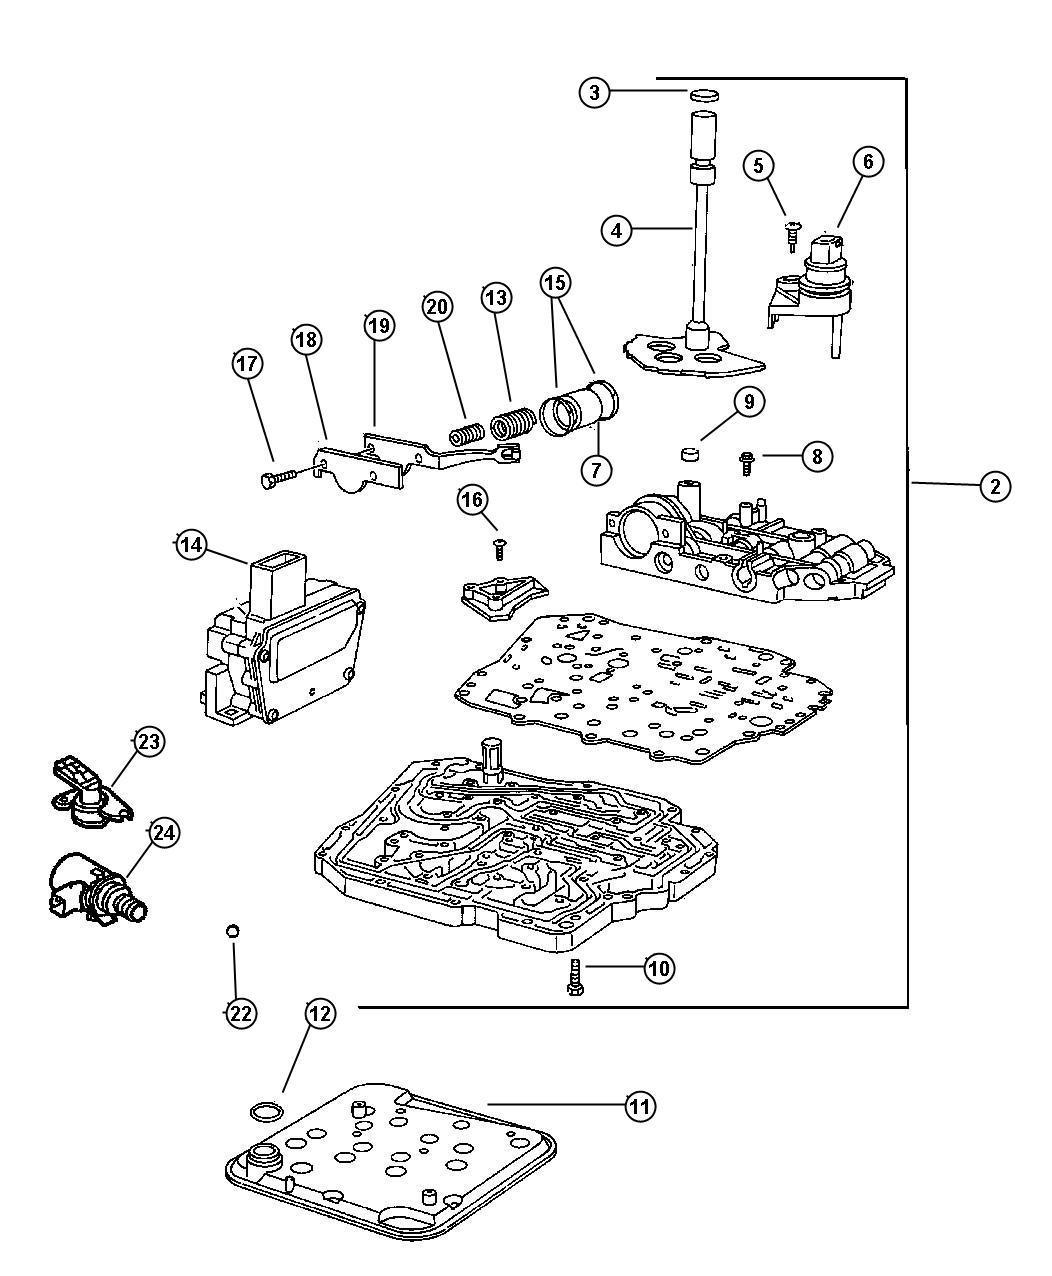 jeep liberty drivetrain diagram